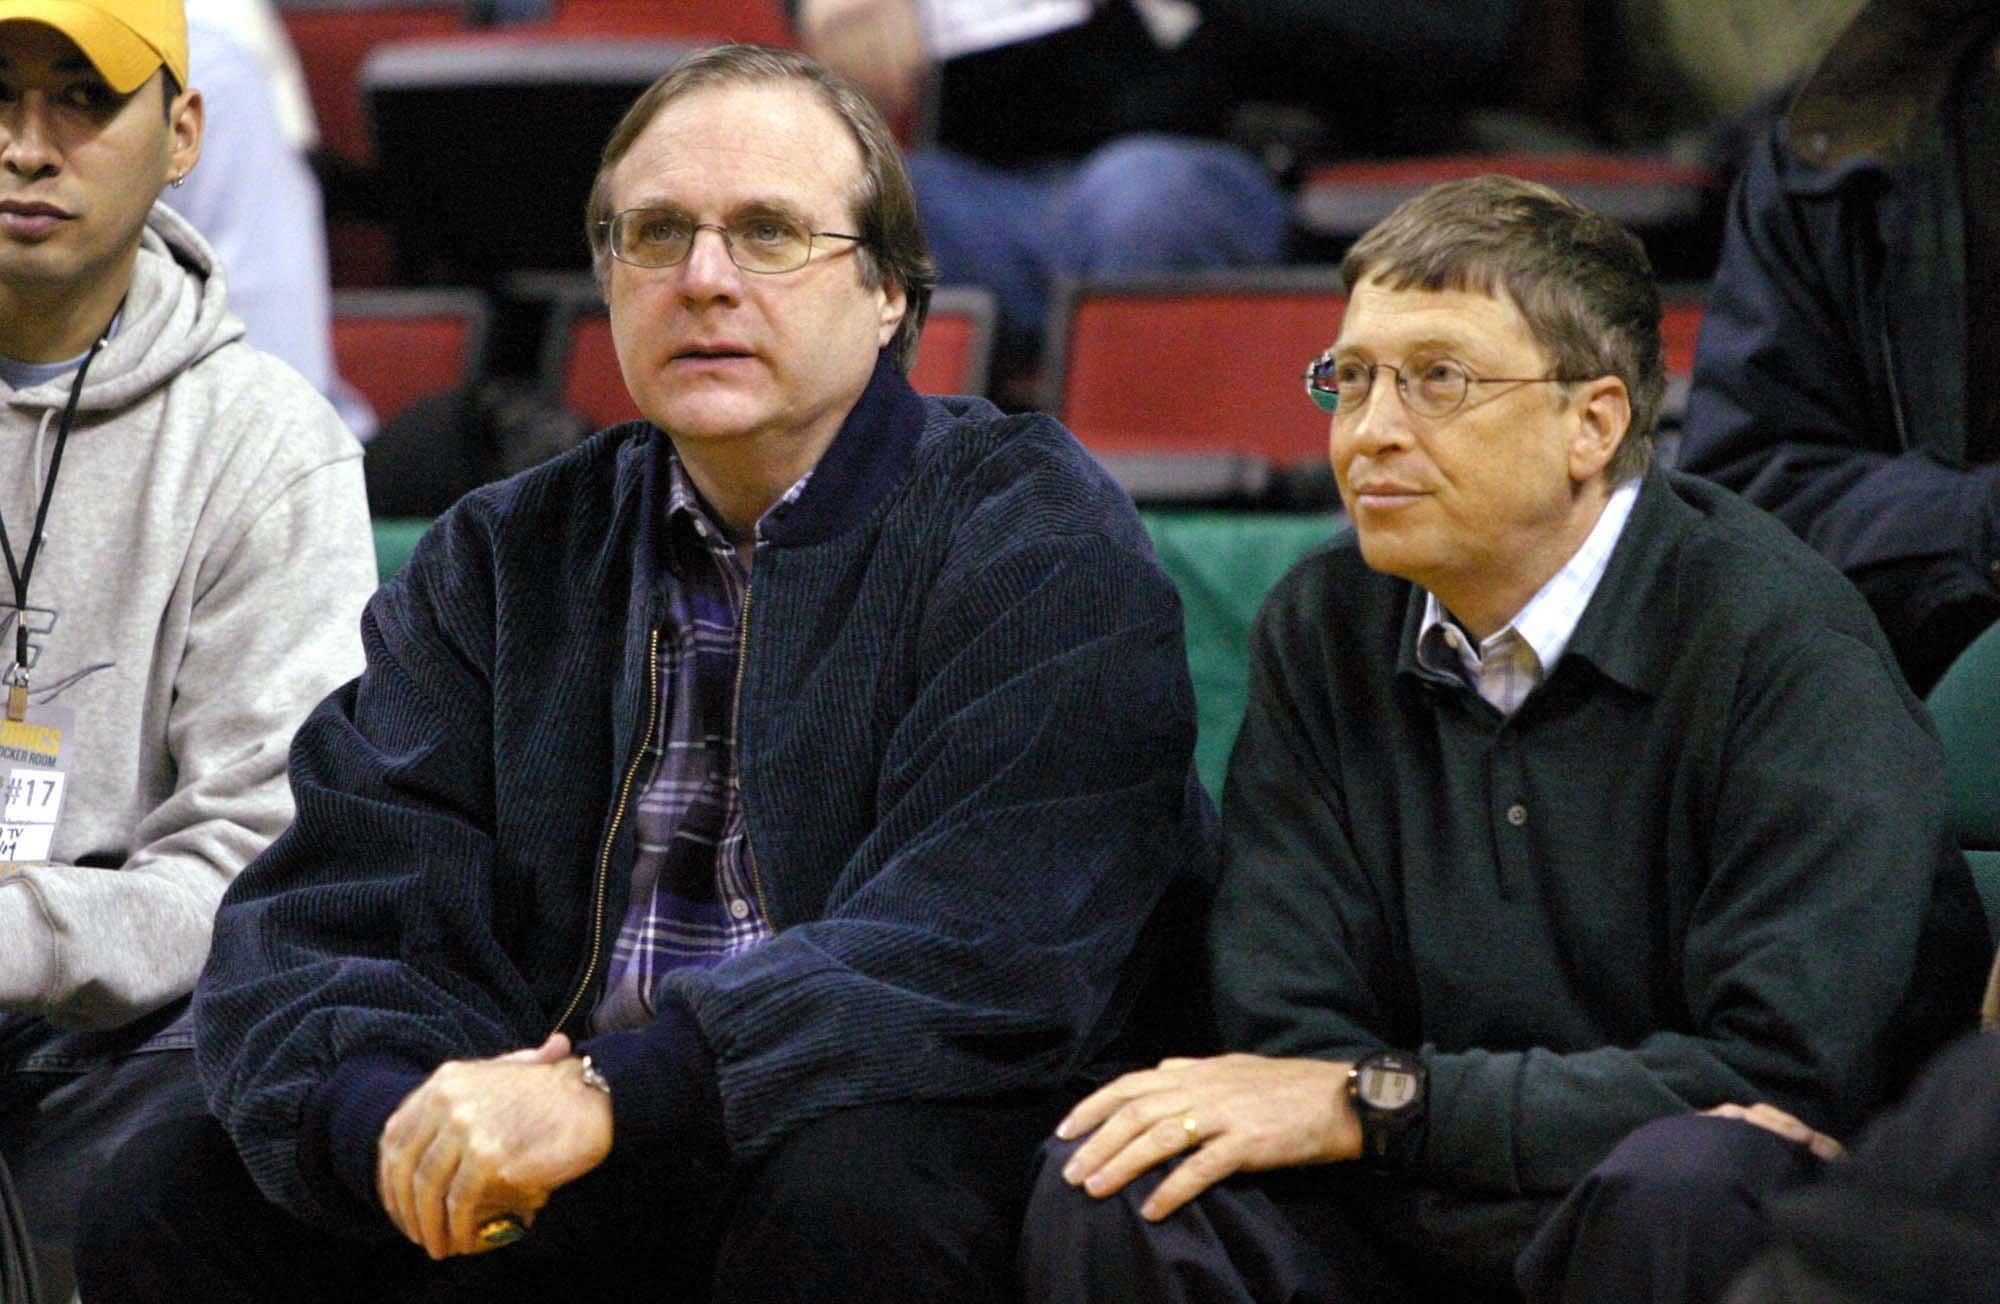 Ο Μπιλ Γκέιτς θυμάται τον παιδικό του φίλο και συνιδρυτή της Microsoft, Πολ Άλεν με ένα κείμενο στο